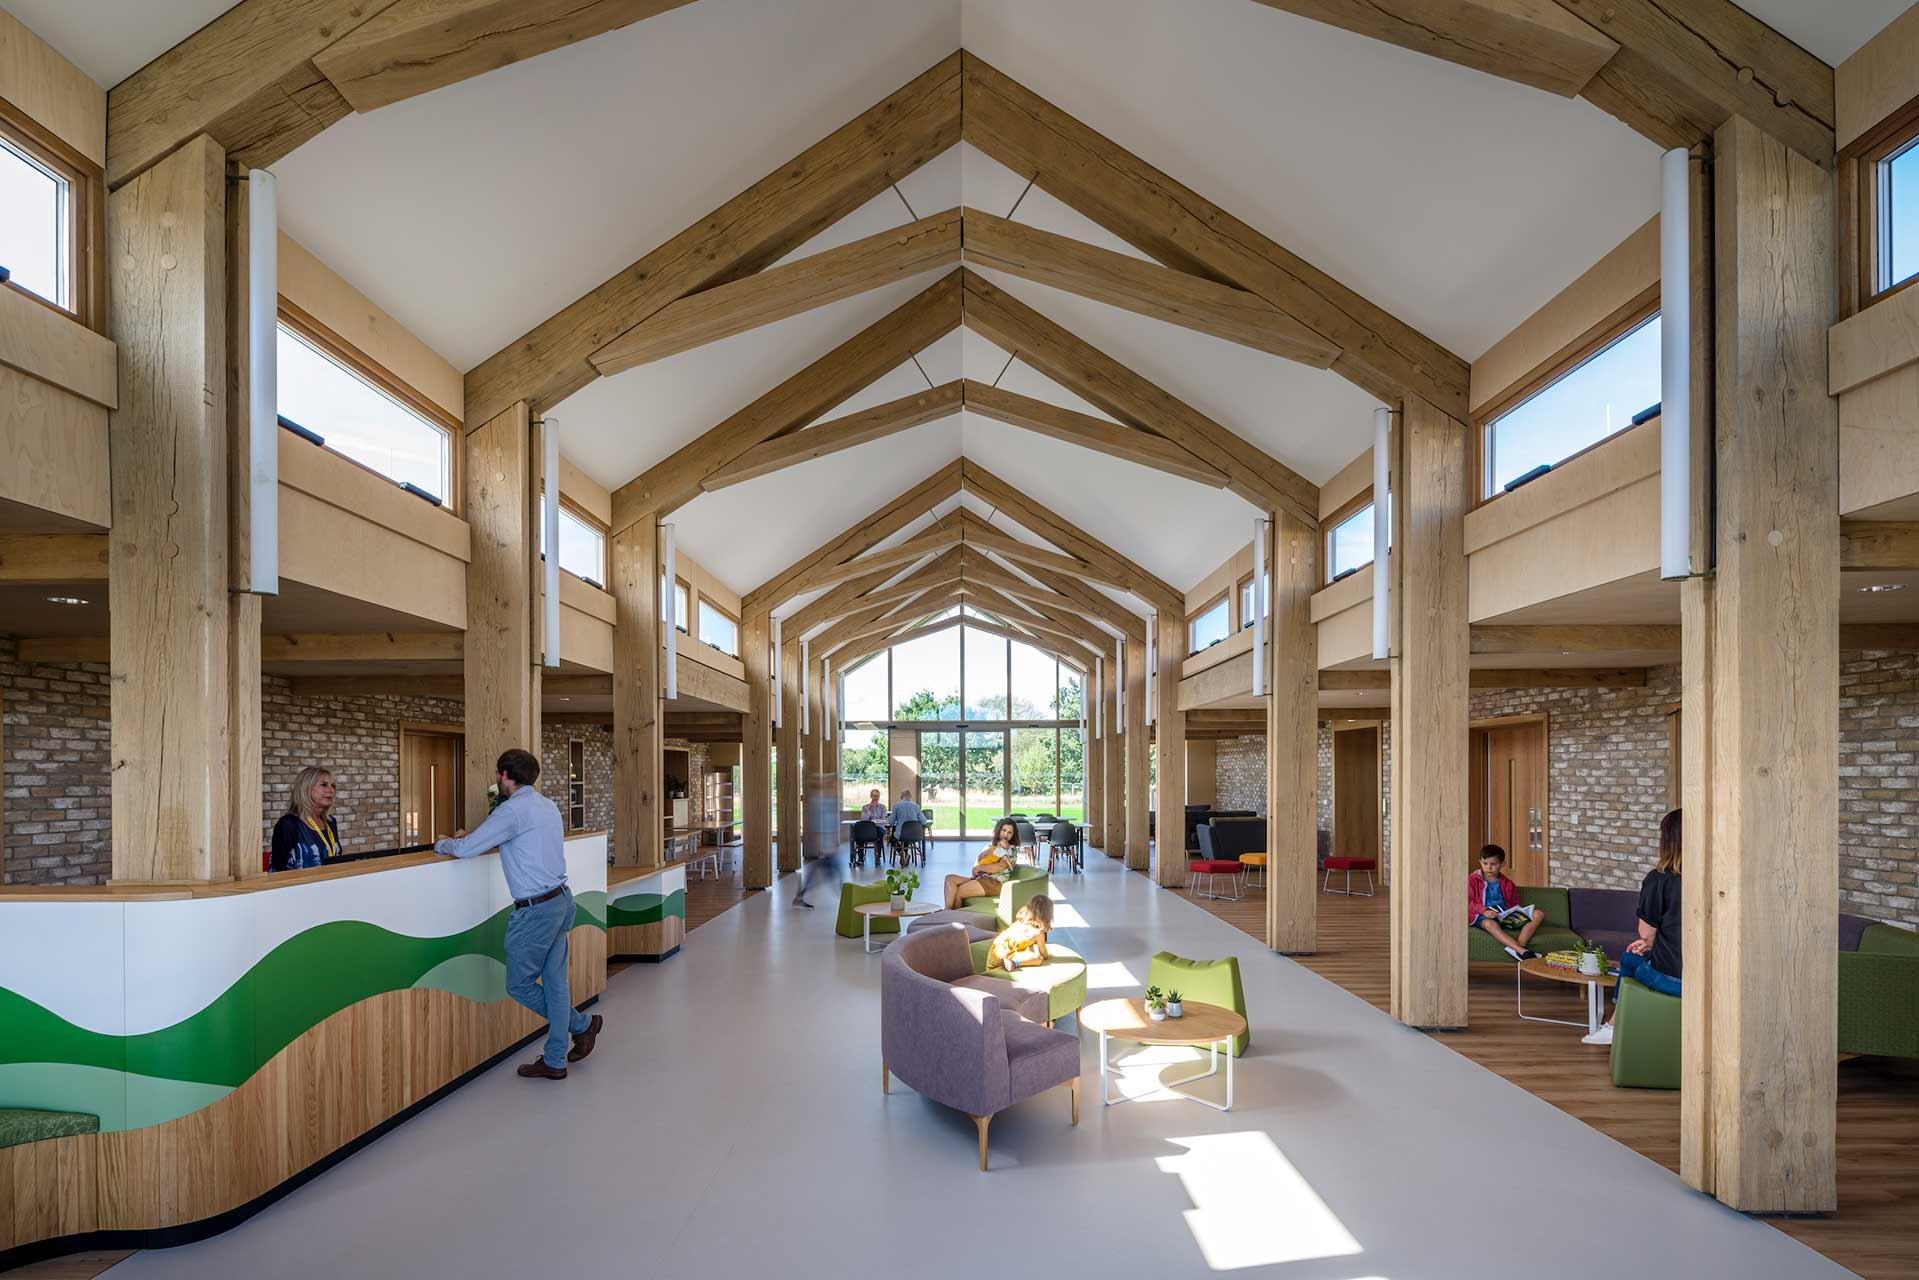 Noah's Ark Hall